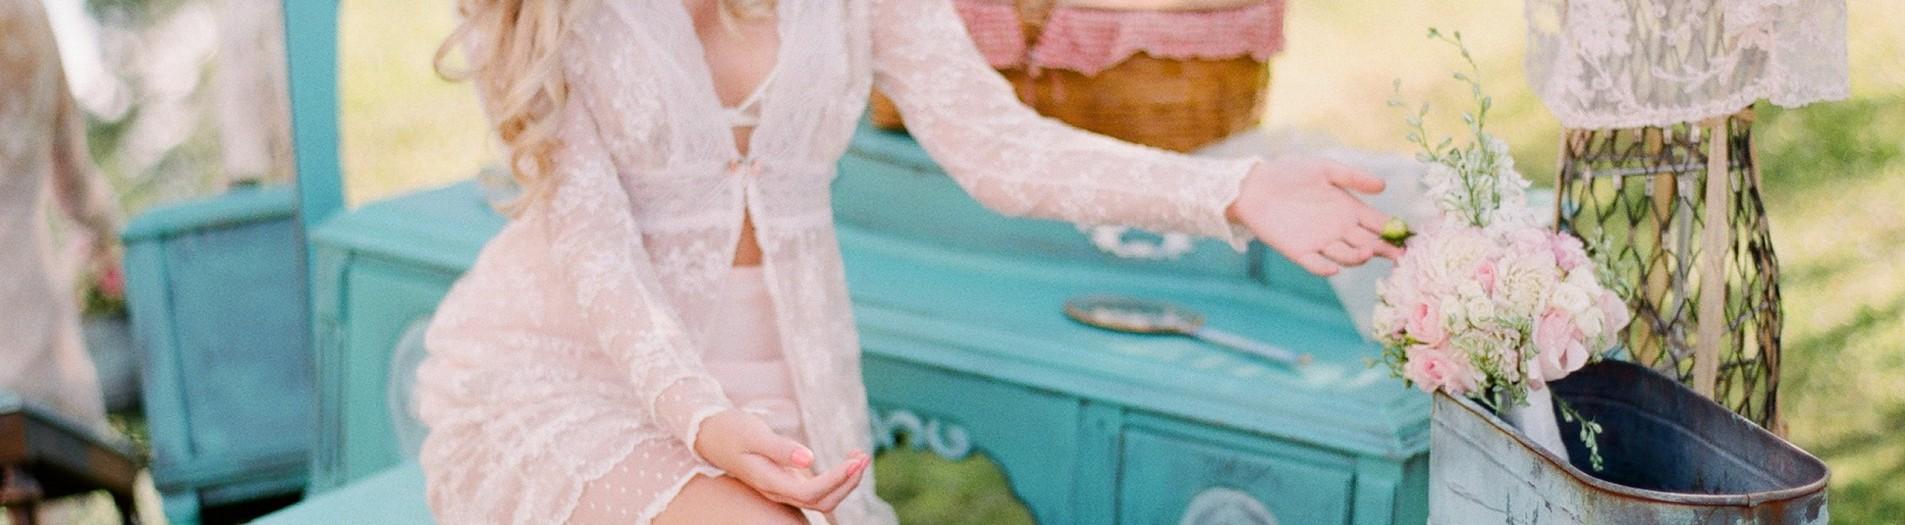 Nashville Tennessee Makeup Artist: Hochzeitswahn 2014 Bridal book